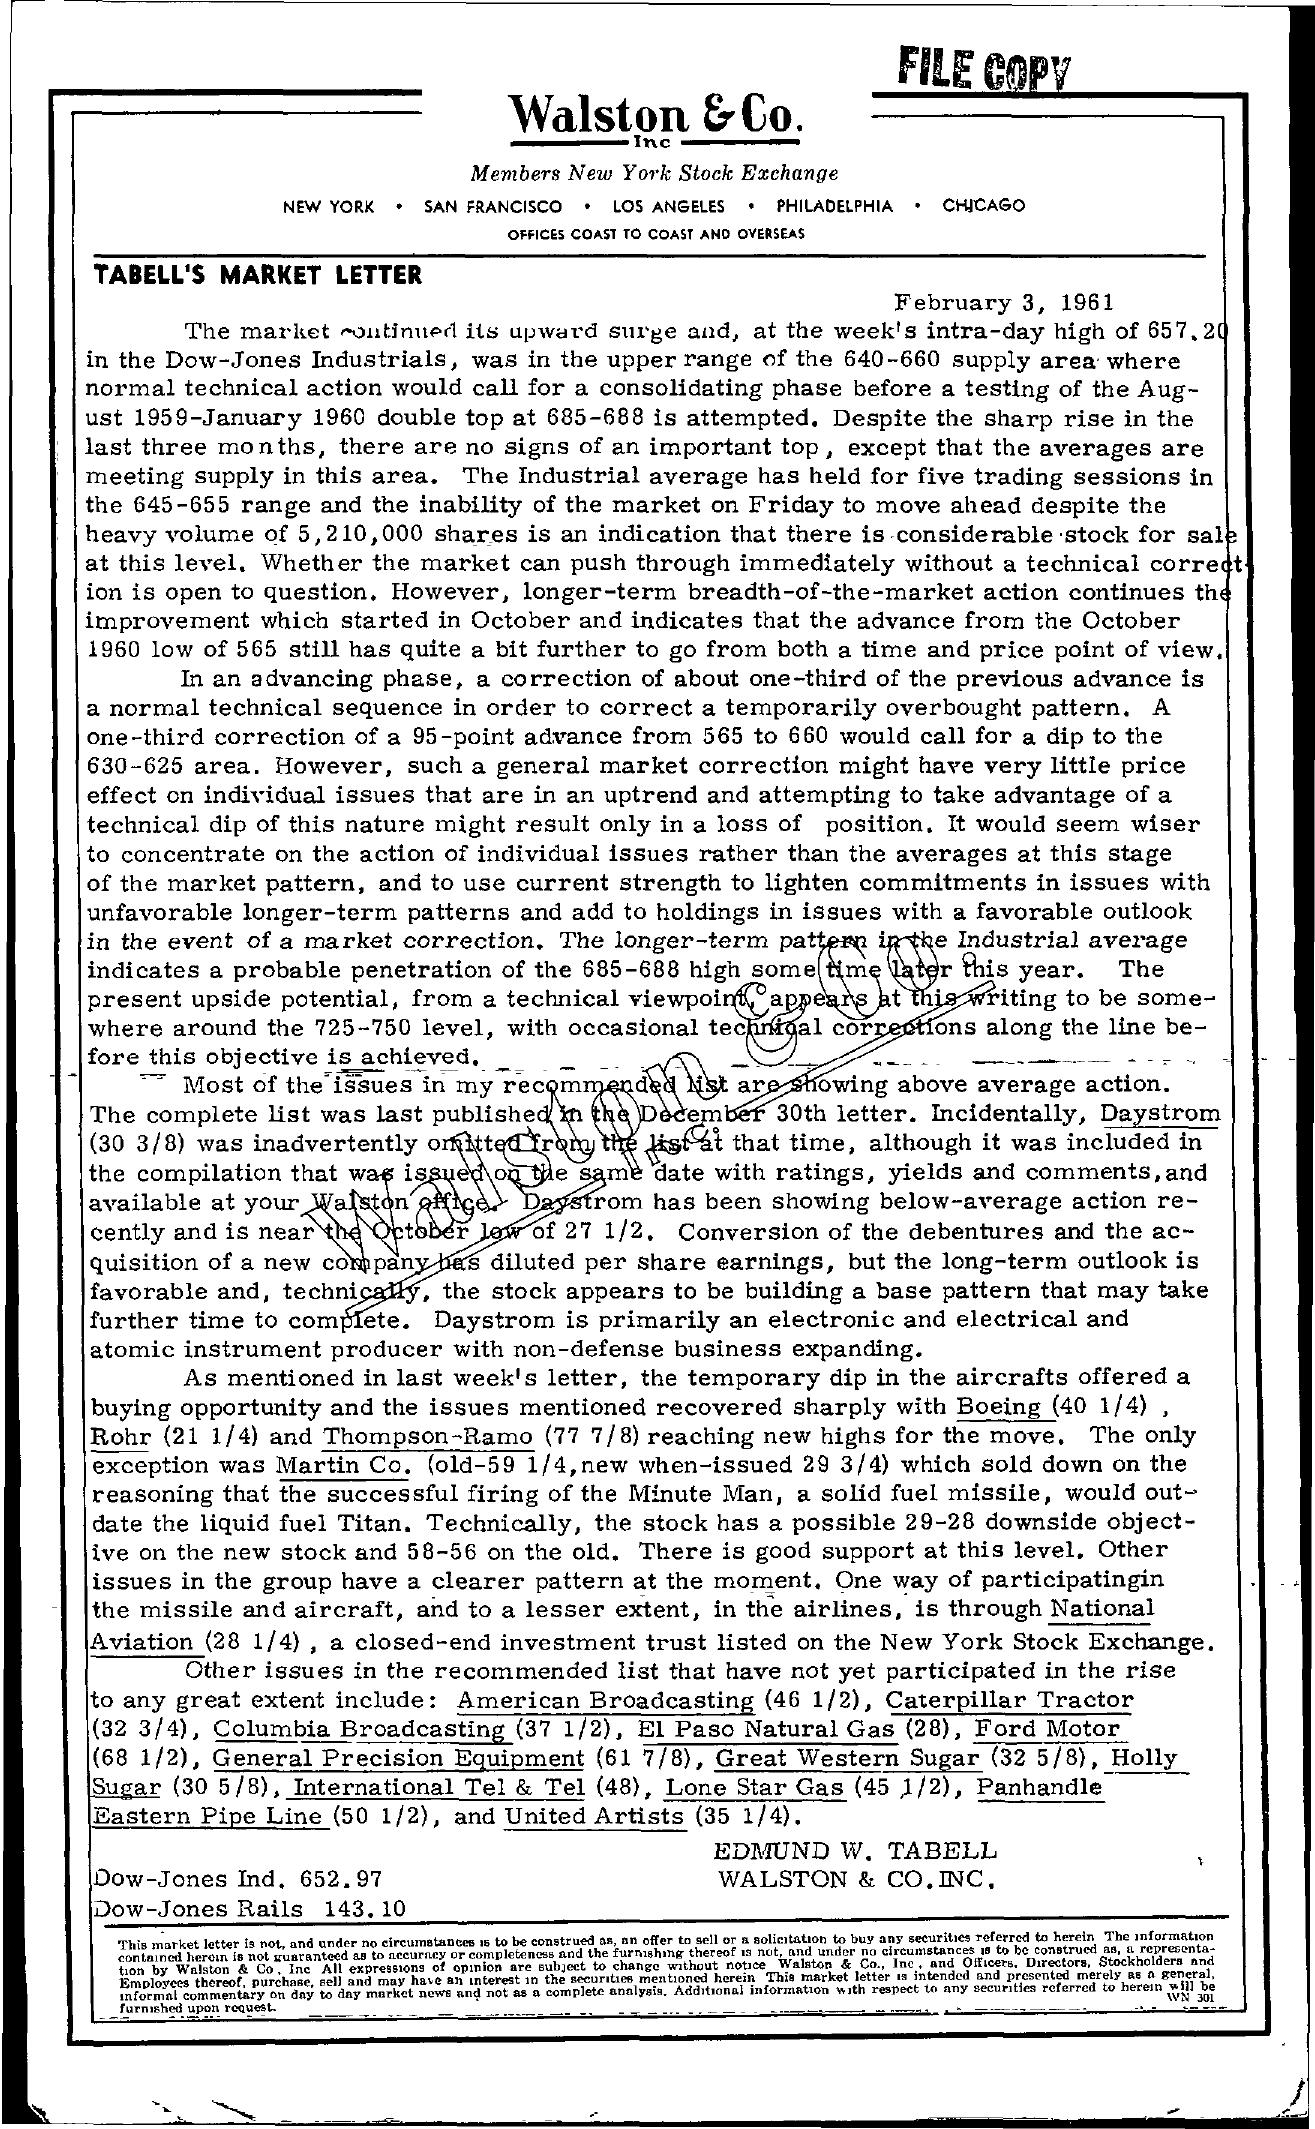 Tabell's Market Letter - February 03, 1961